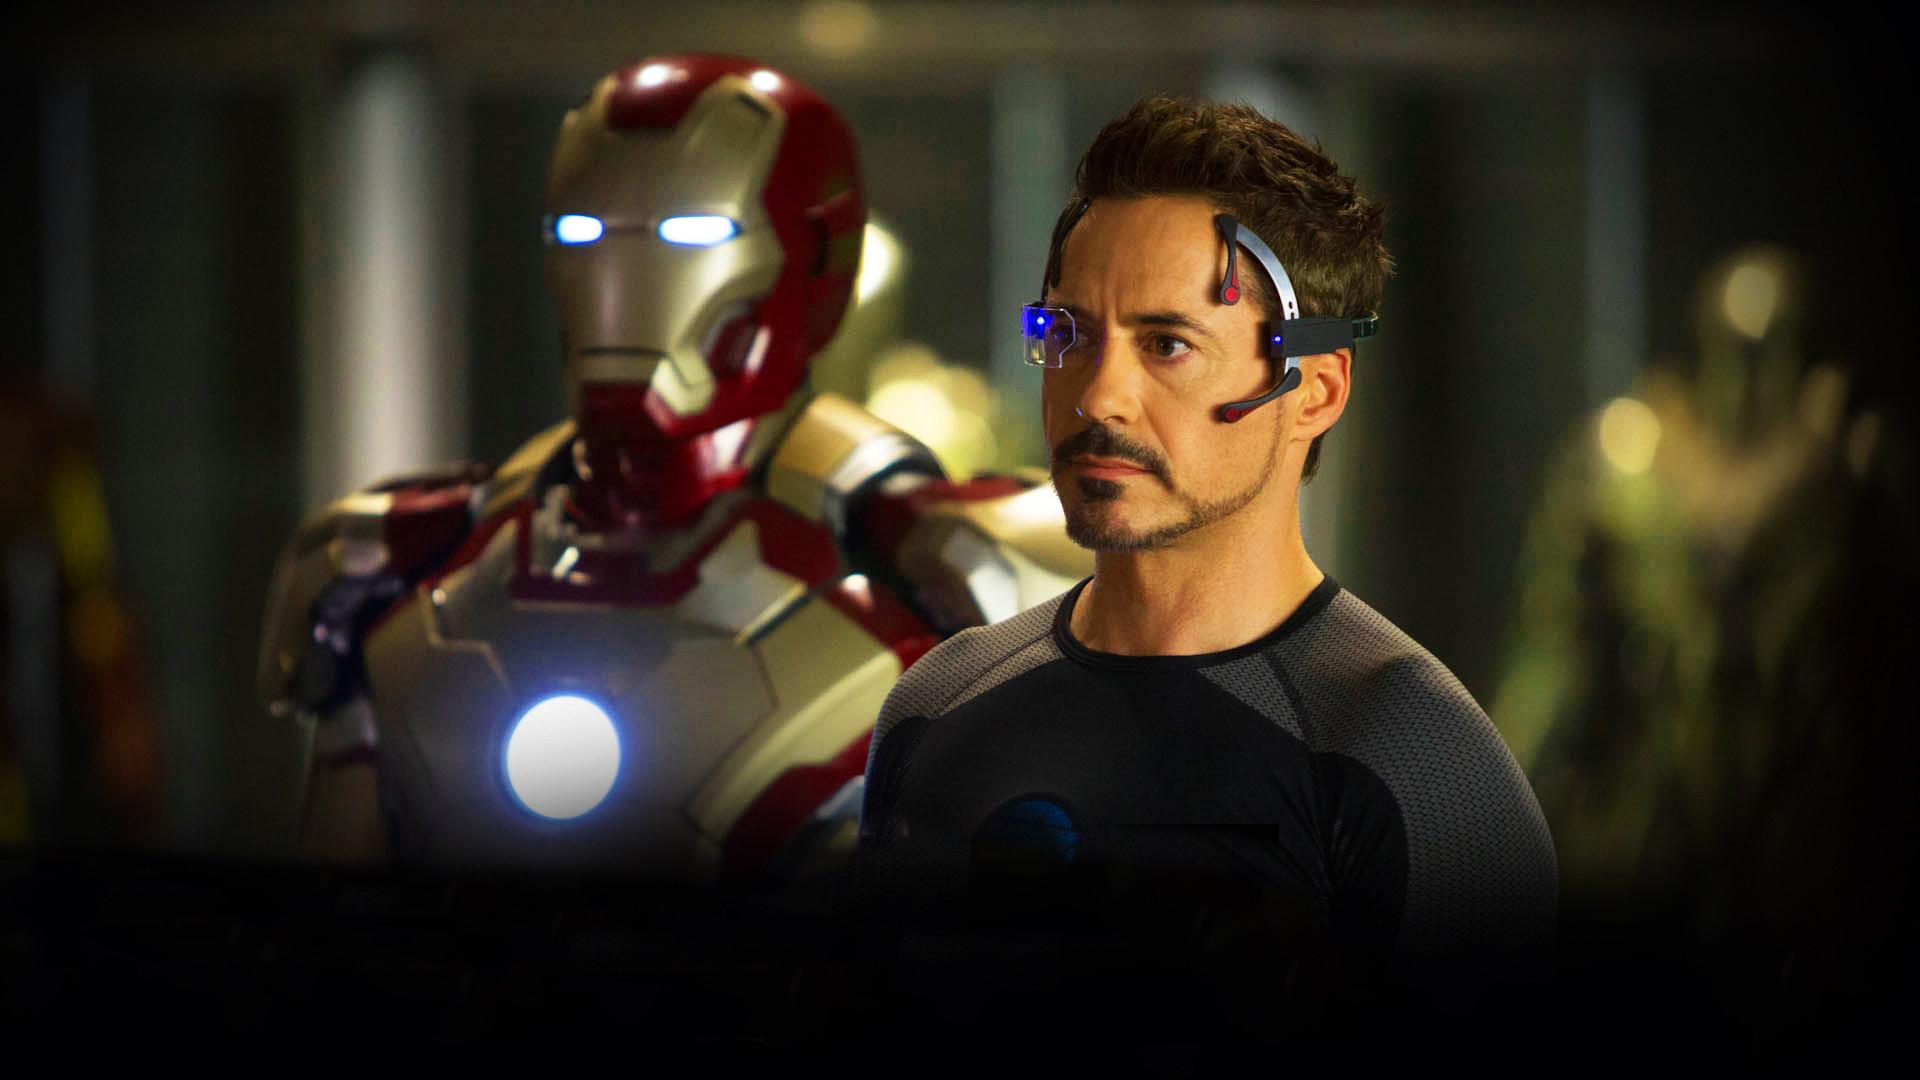 Iron Man Robert Downey Jr 3 Wallpaper Robert Downey Jr Hd